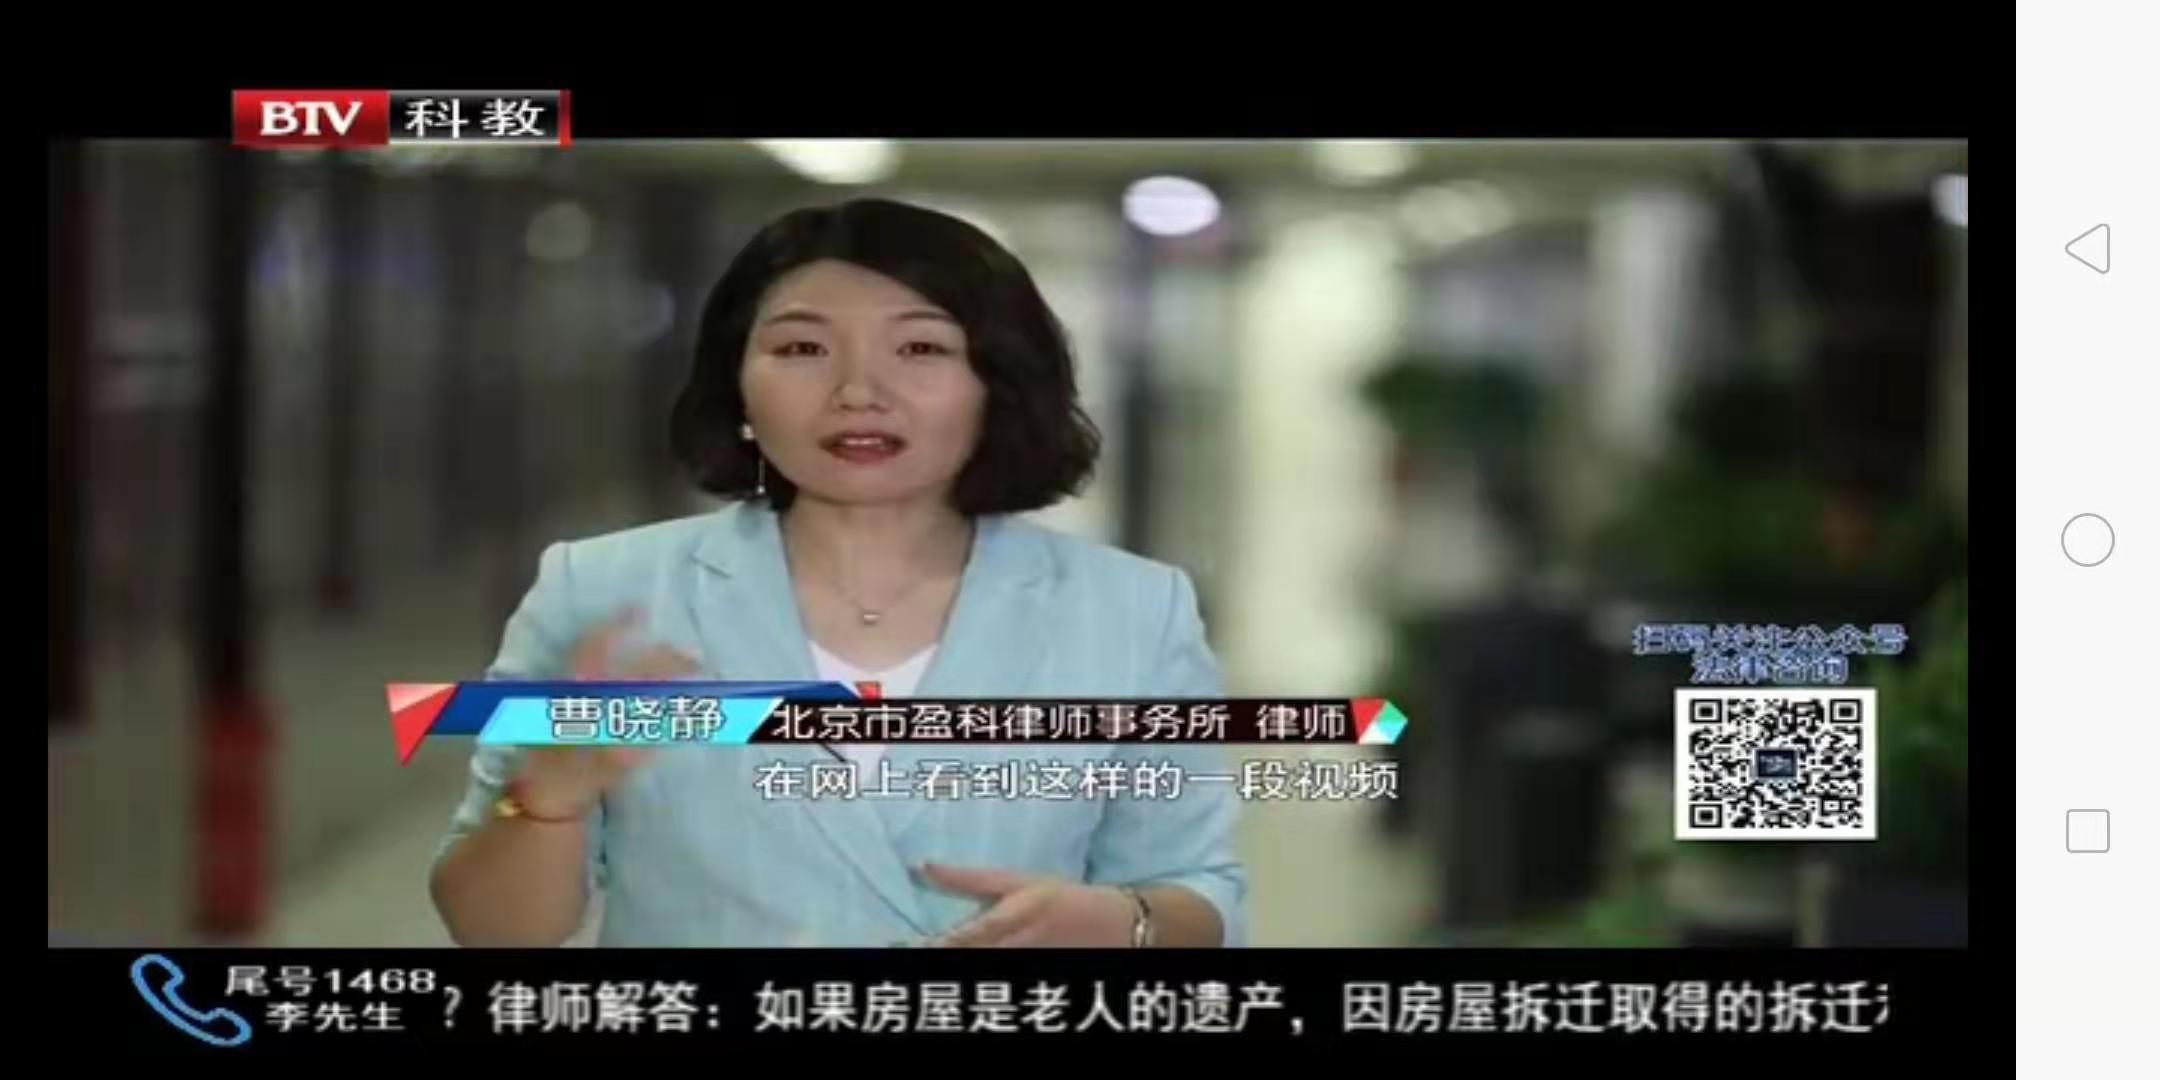 曹晓静律师代理离婚诉讼, 争取到房屋折价款